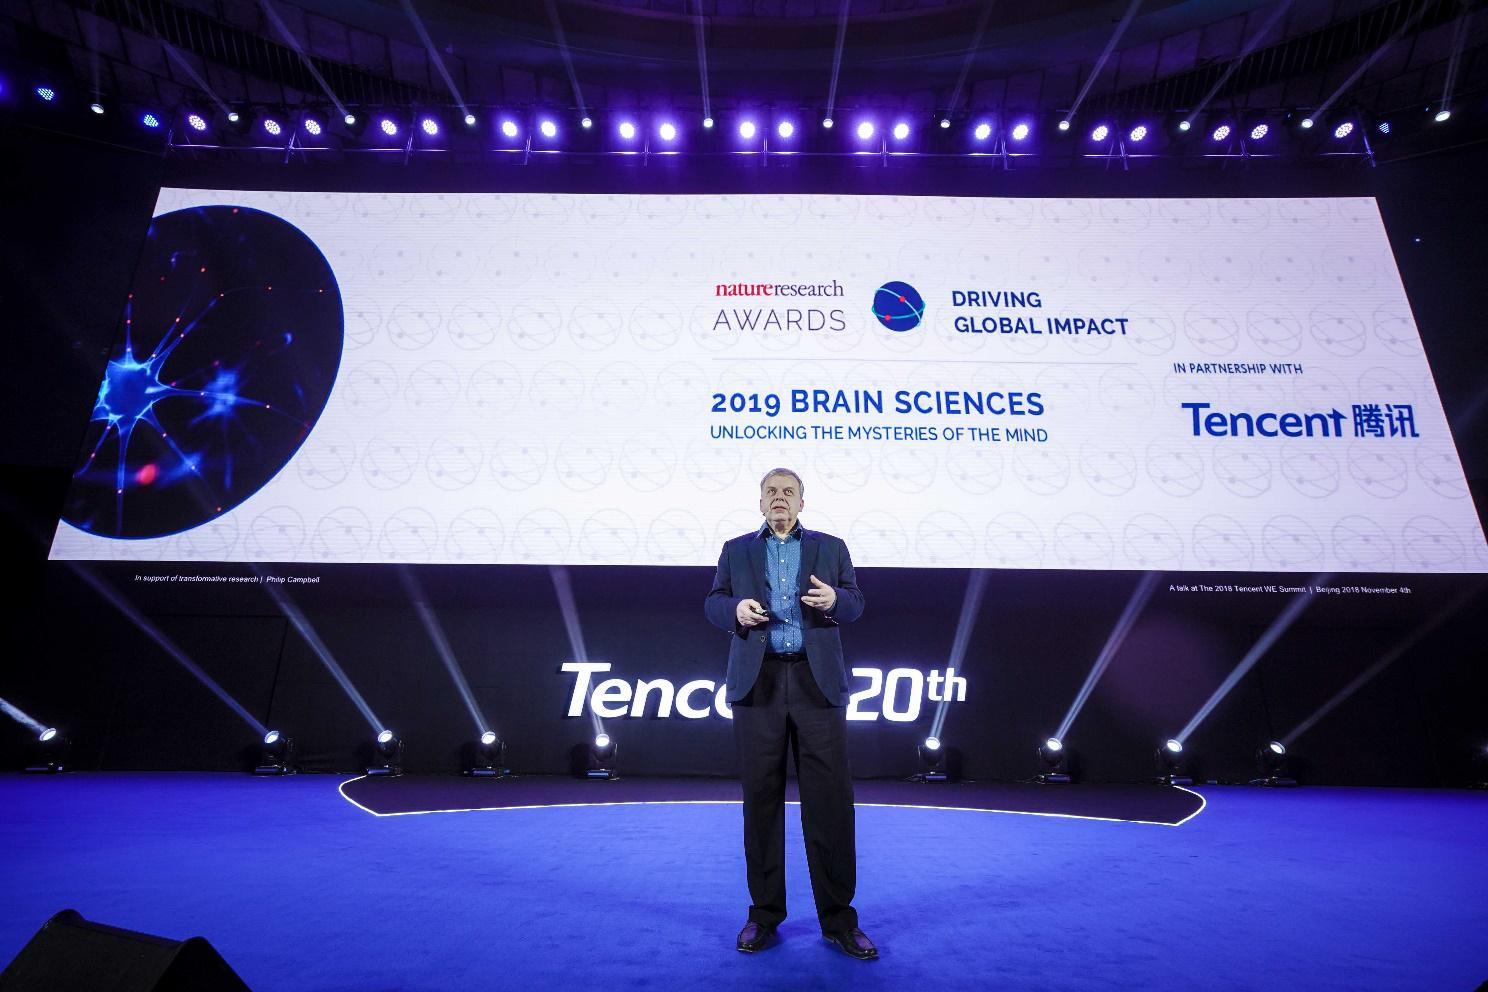 自然科研与腾讯联合推出全球影响力大奖 2019年重点关注脑科学